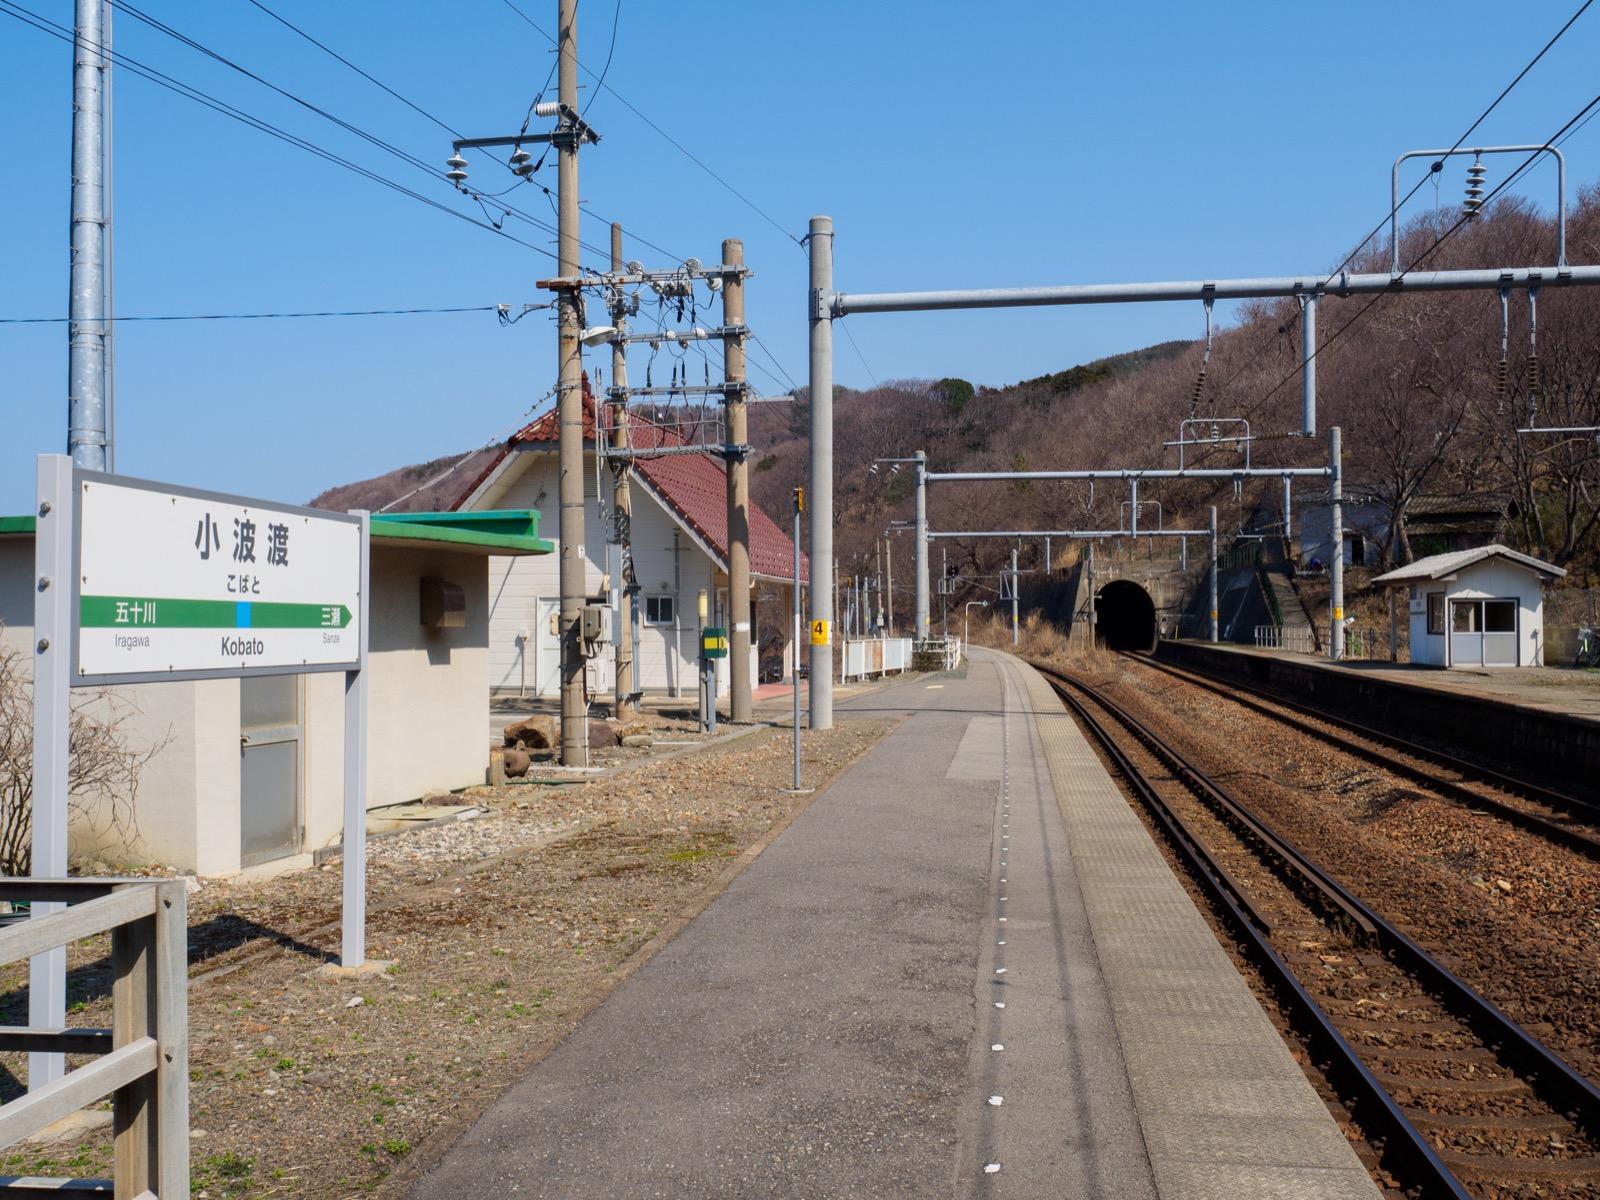 小波渡駅のホーム(秋田方面を望む)